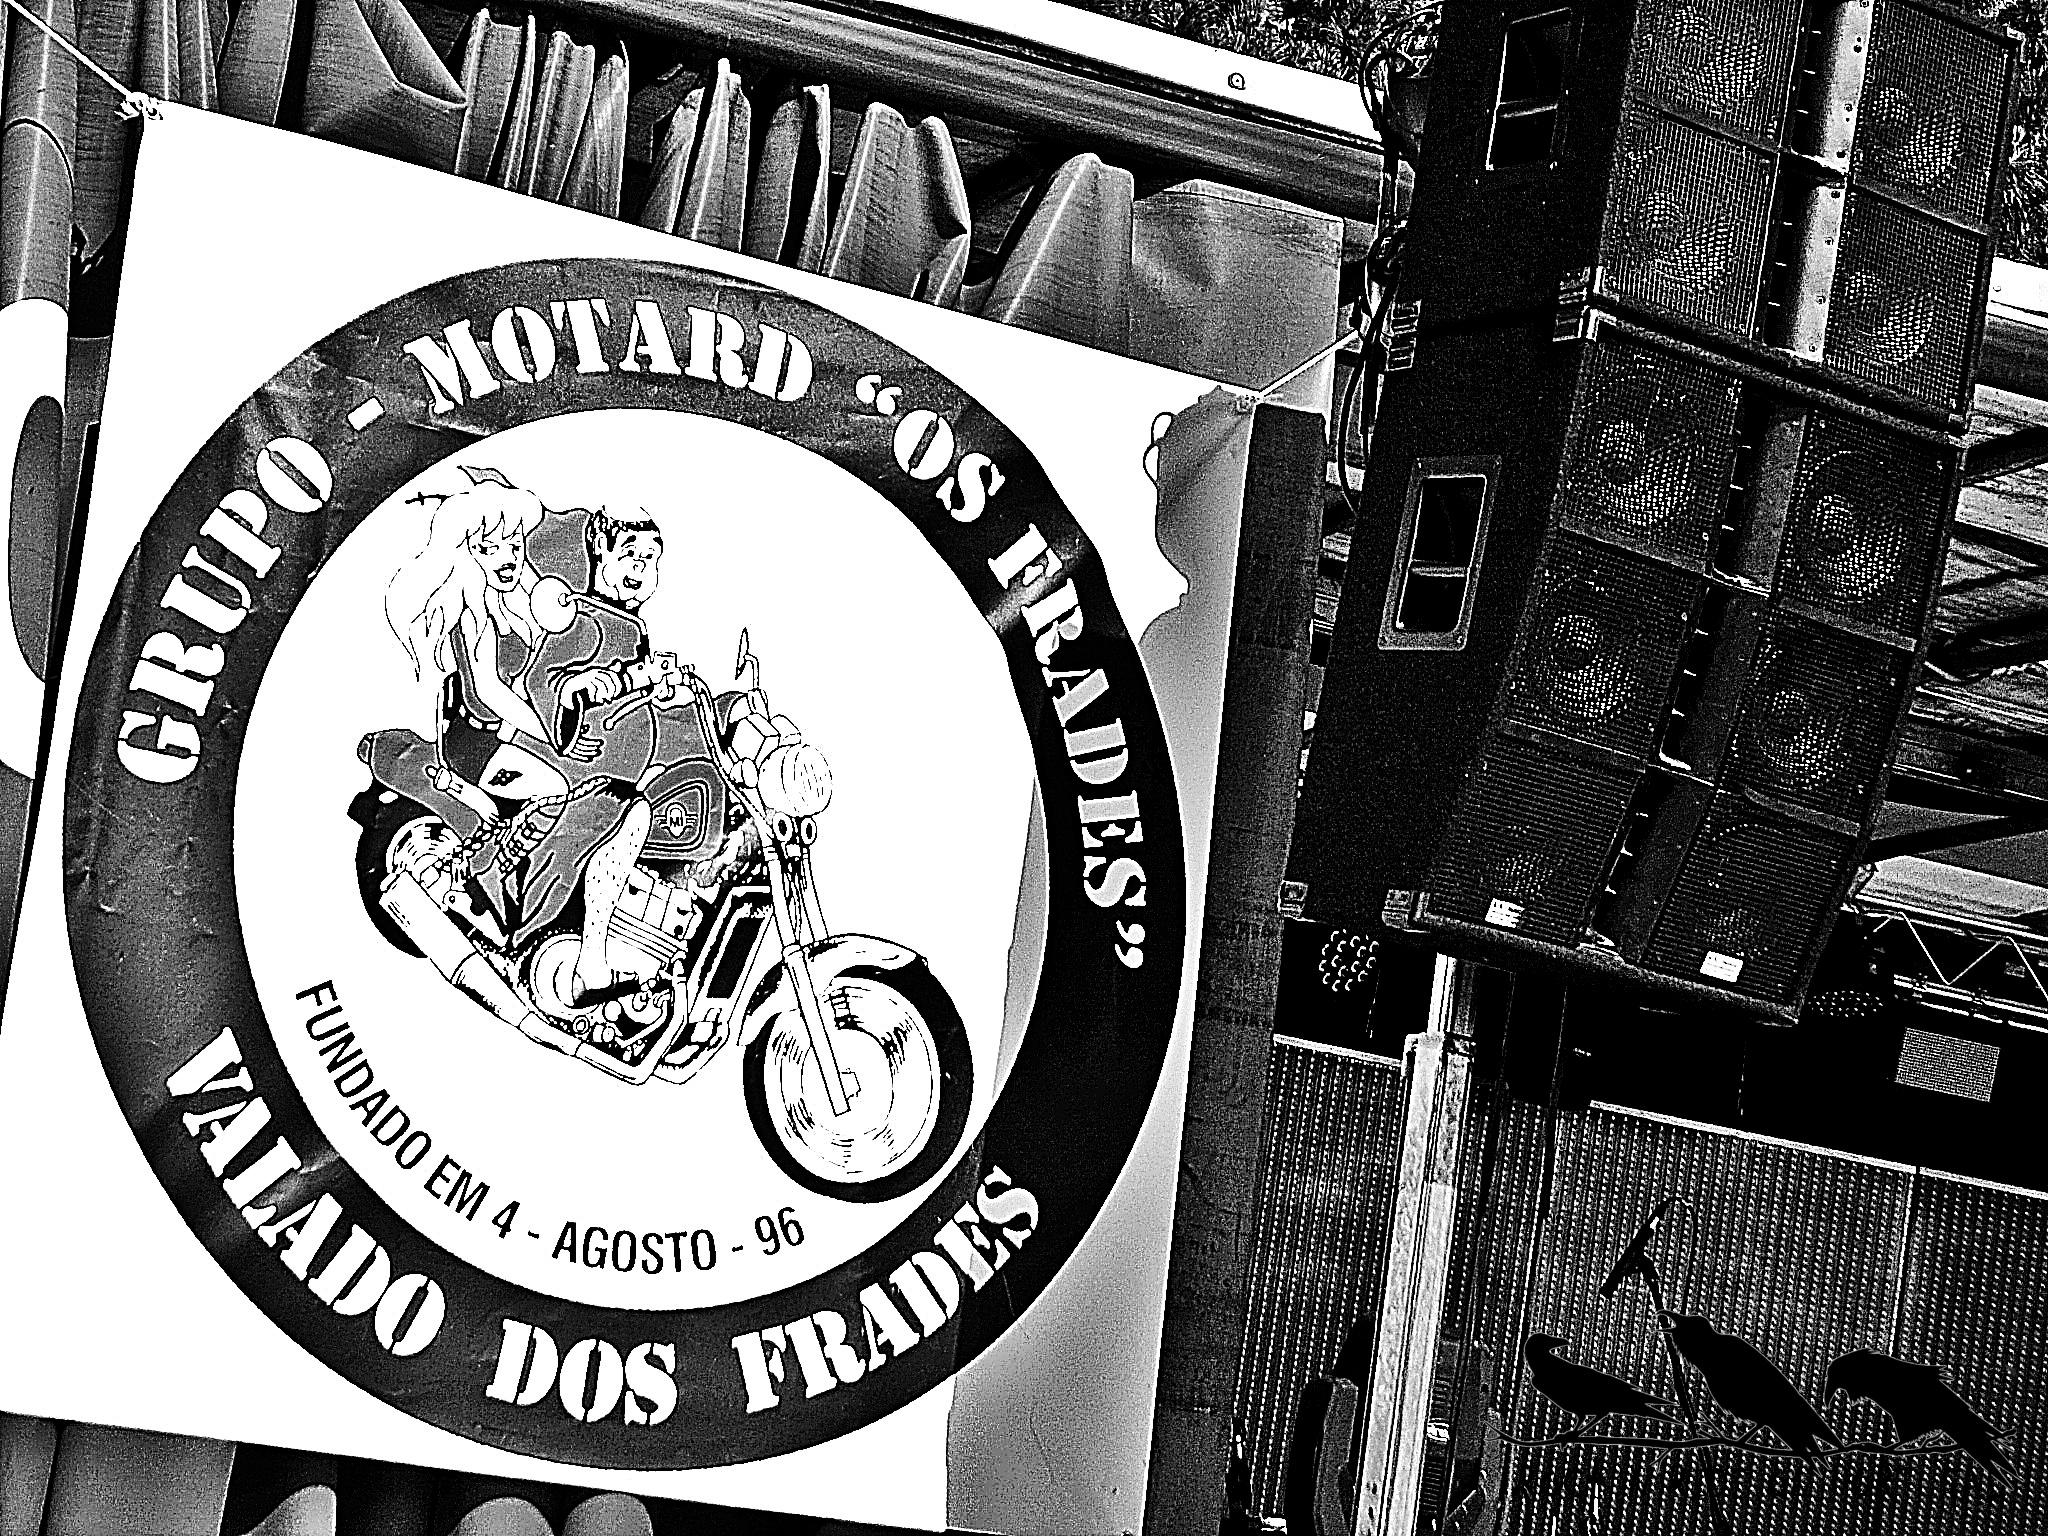 XV Concentração GM Os Frades